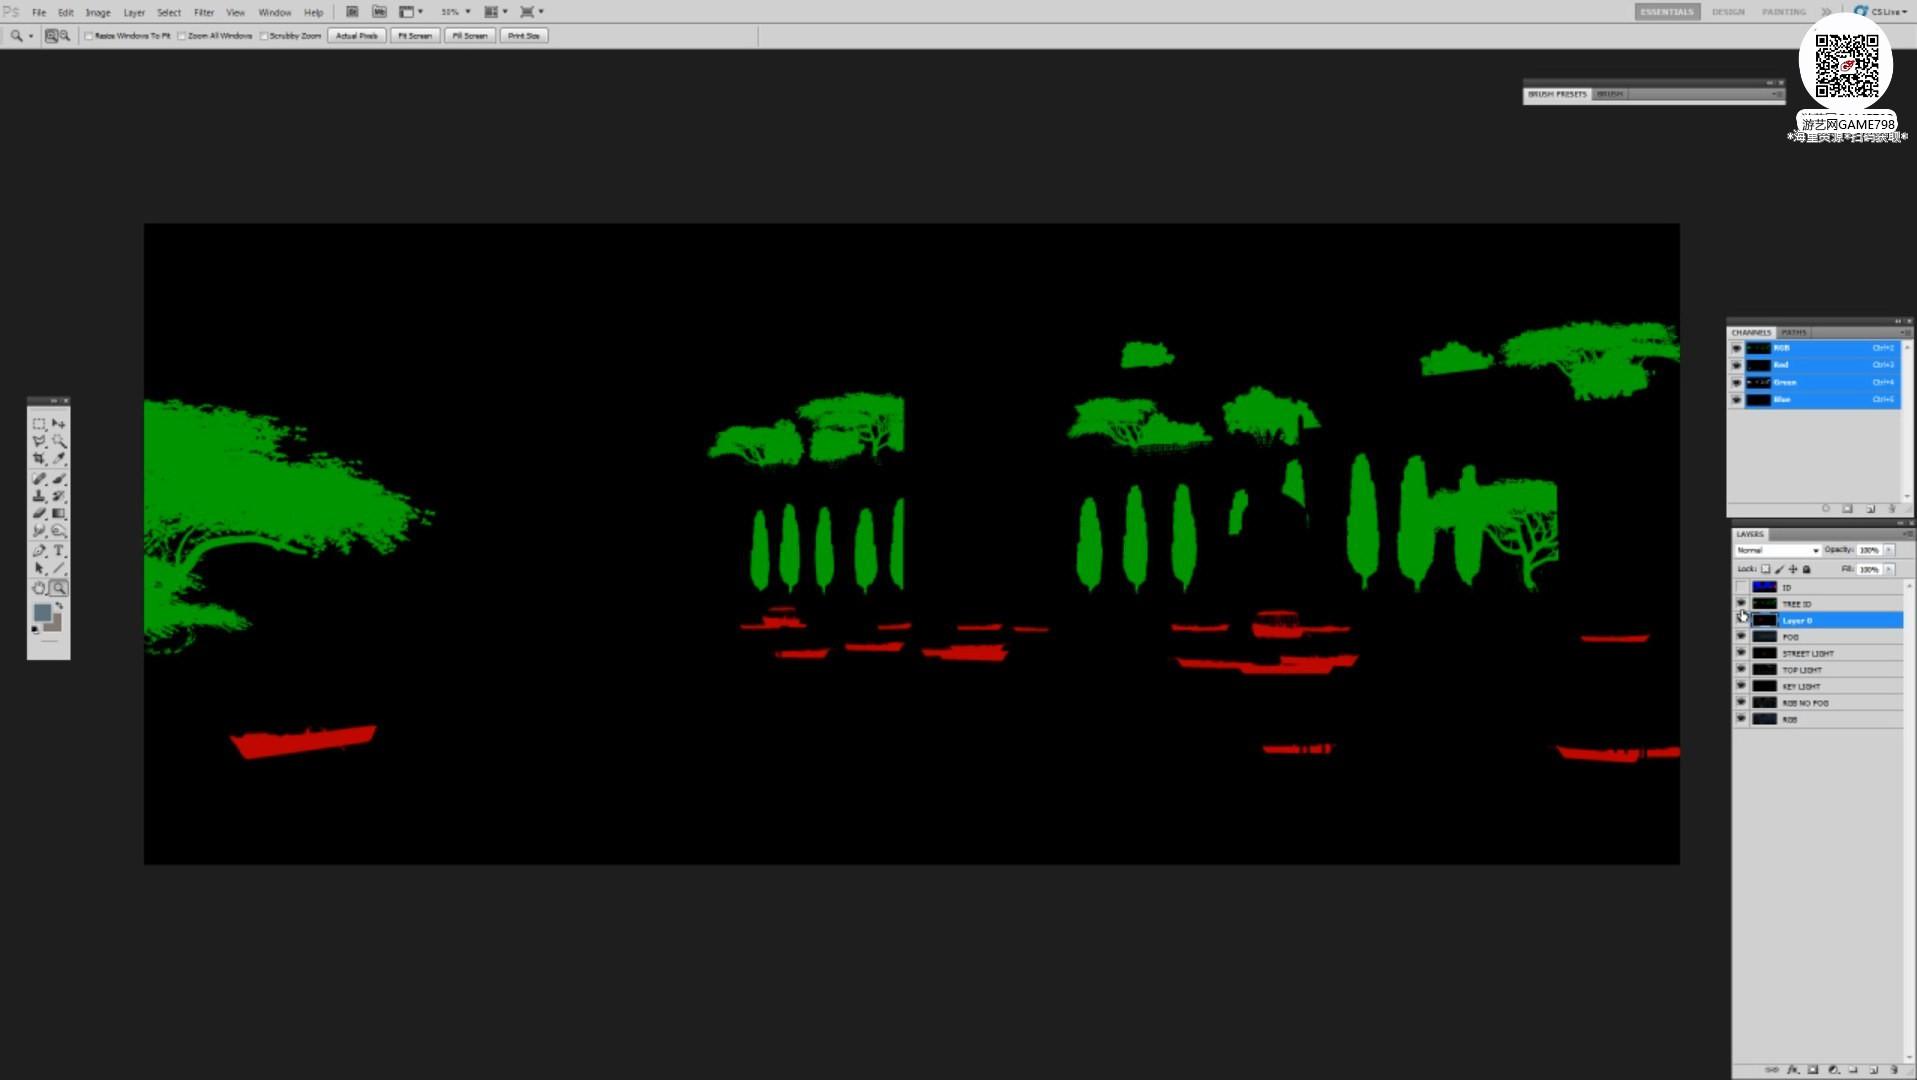 020_关注-游艺网GAME798海量资源下载【视频教程】超写实场景设定制作流程.jpg